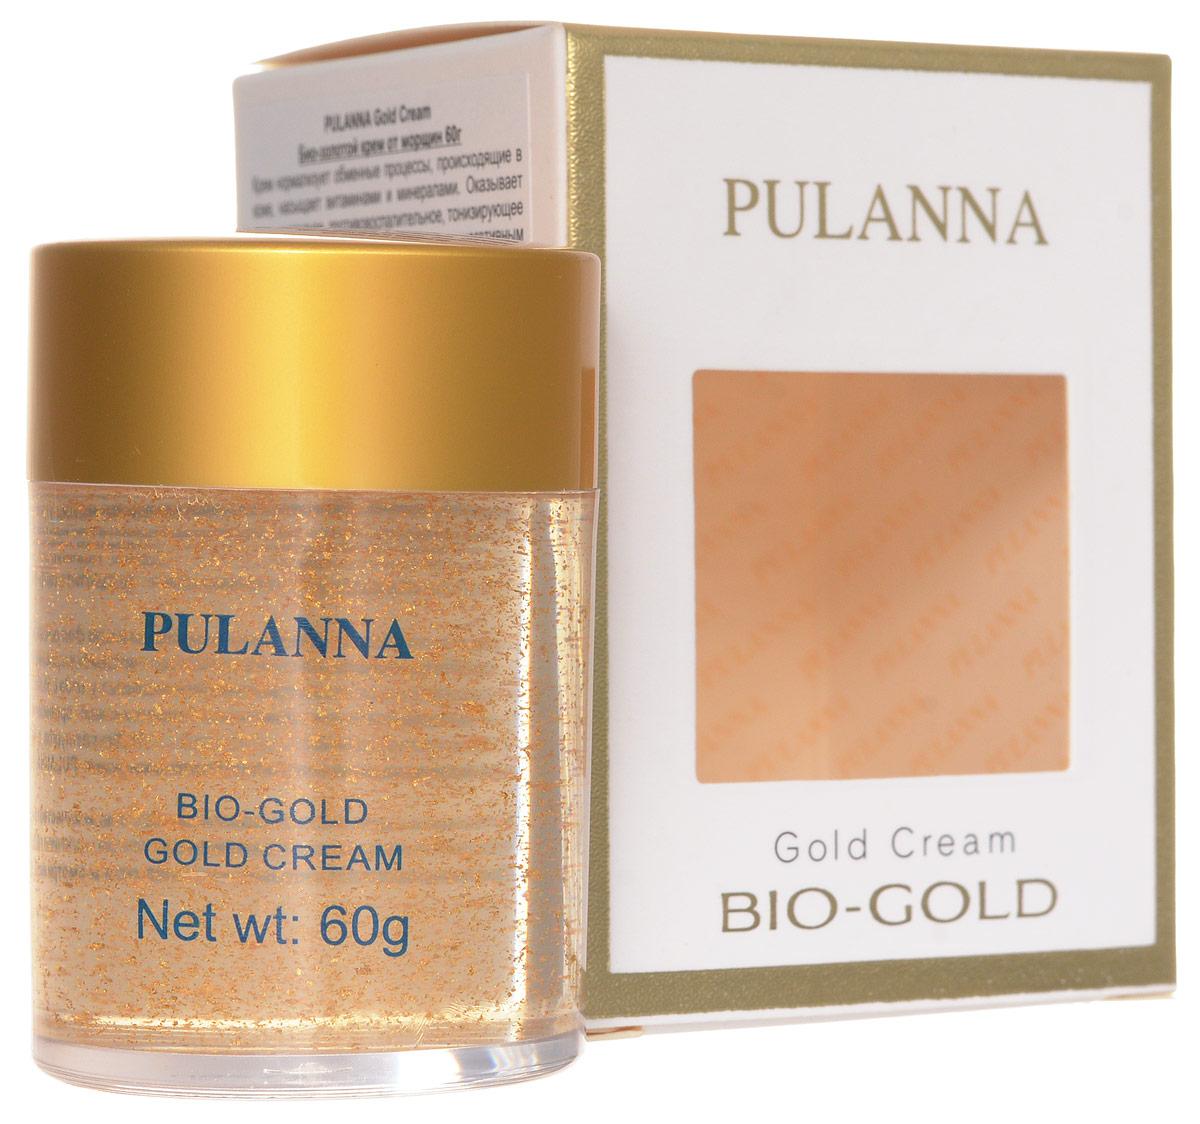 Pulanna Био-золотой крем от морщин на основе био-золота - Gold Cream 60 г b очищающее молочко с золотом bio gold milk 90г pulanna